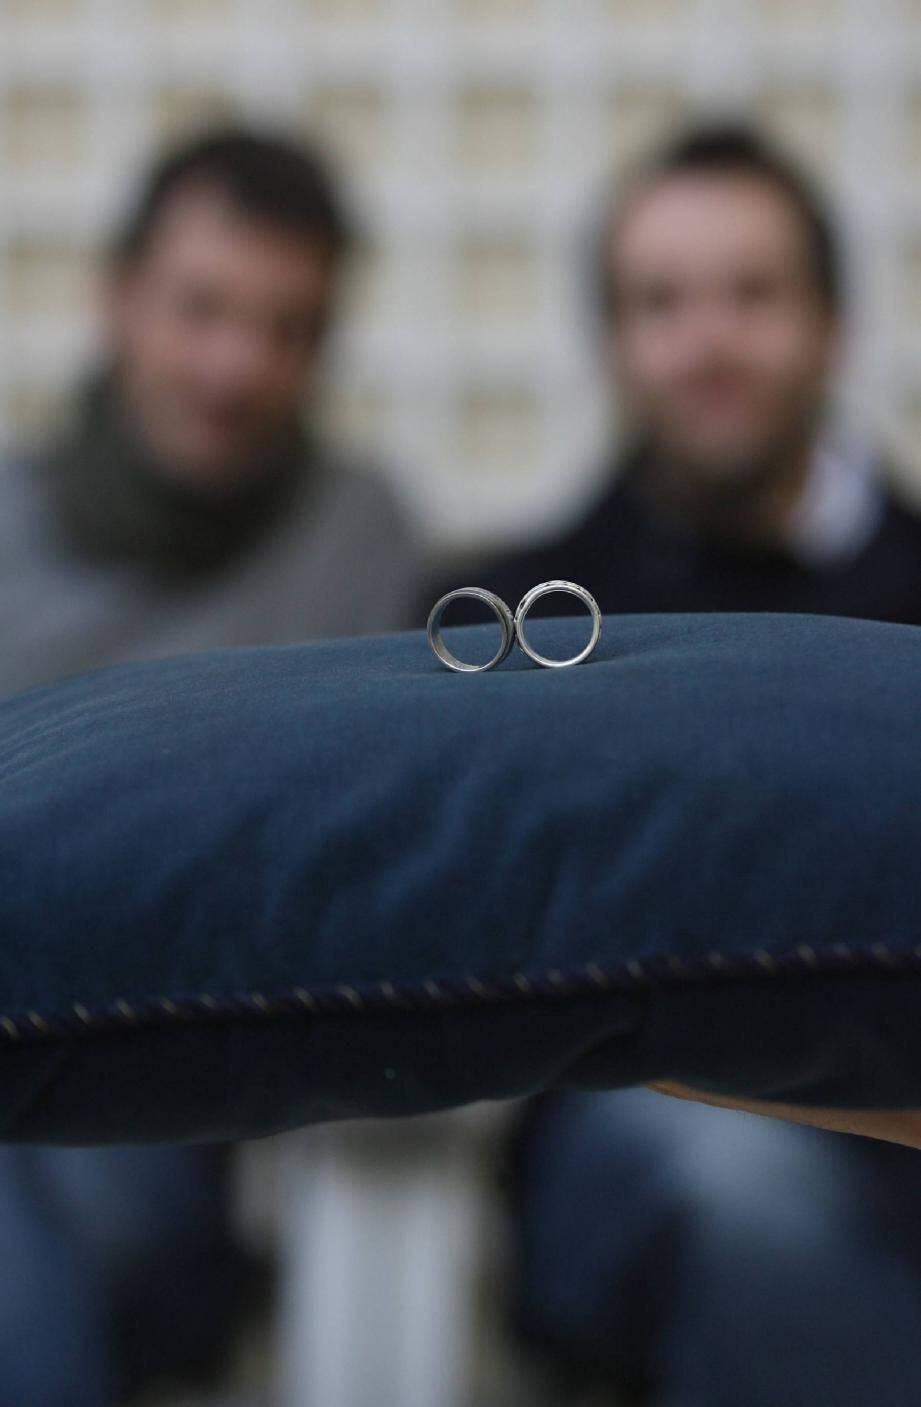 Mariage homo : les maires sont-ils prêts à sa - 15006323.jpg